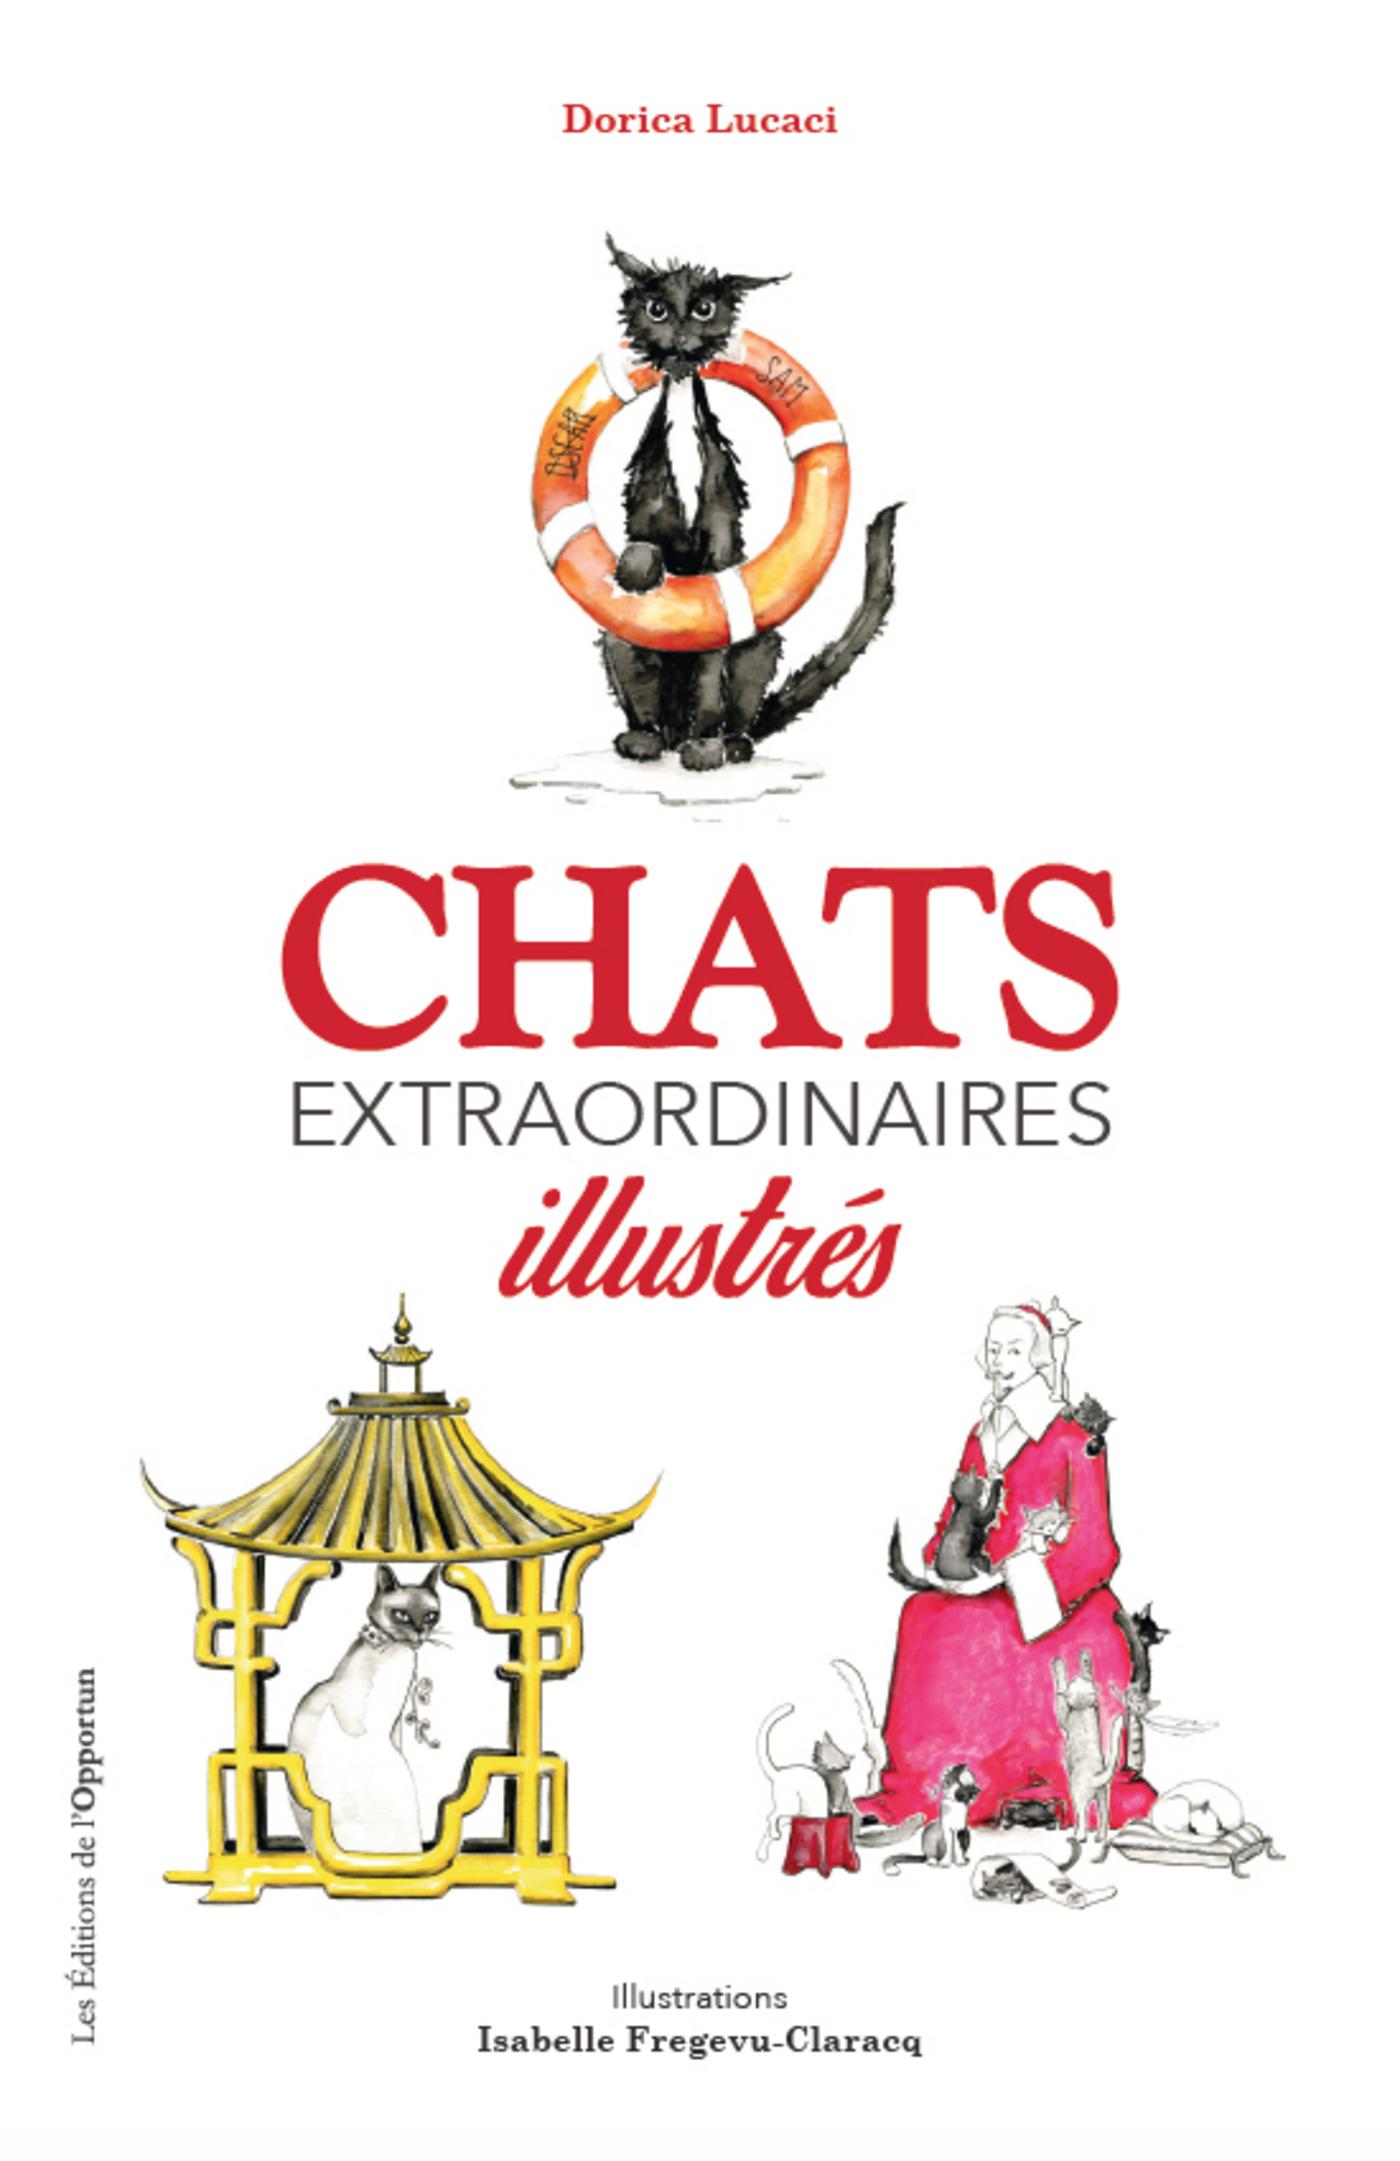 Chats extraordinaires illus...